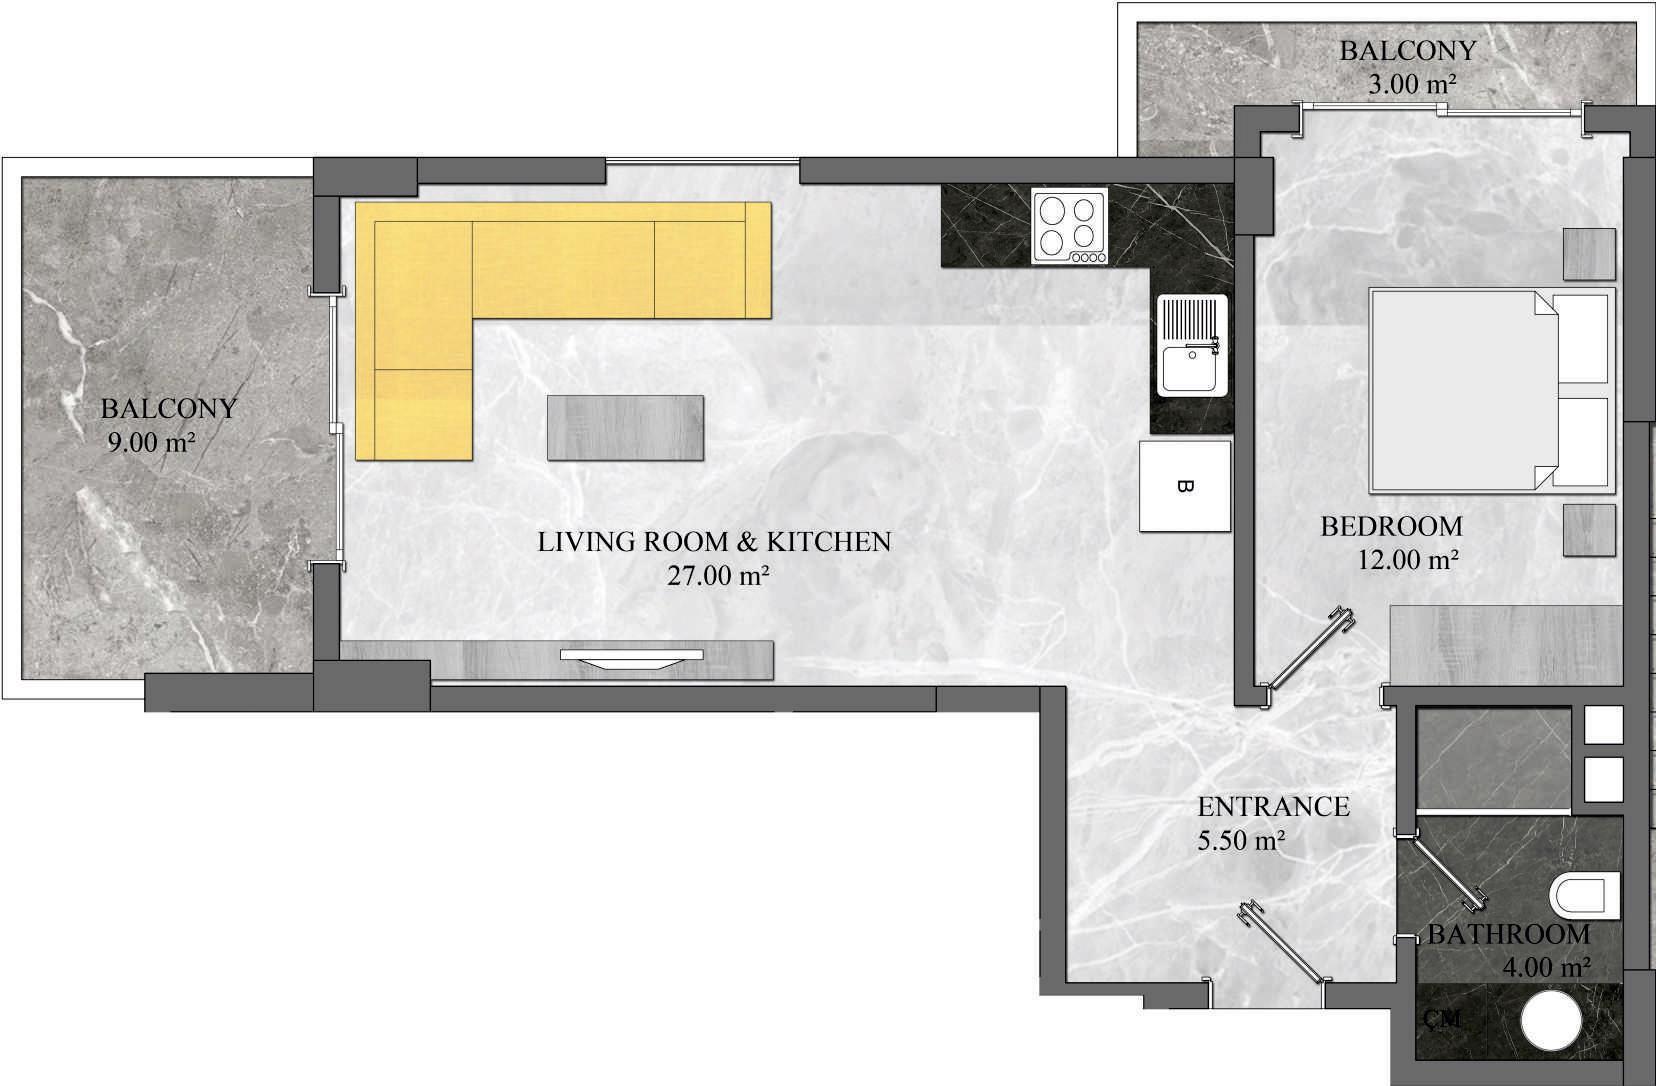 1 Bedroom Apartment 2 Type